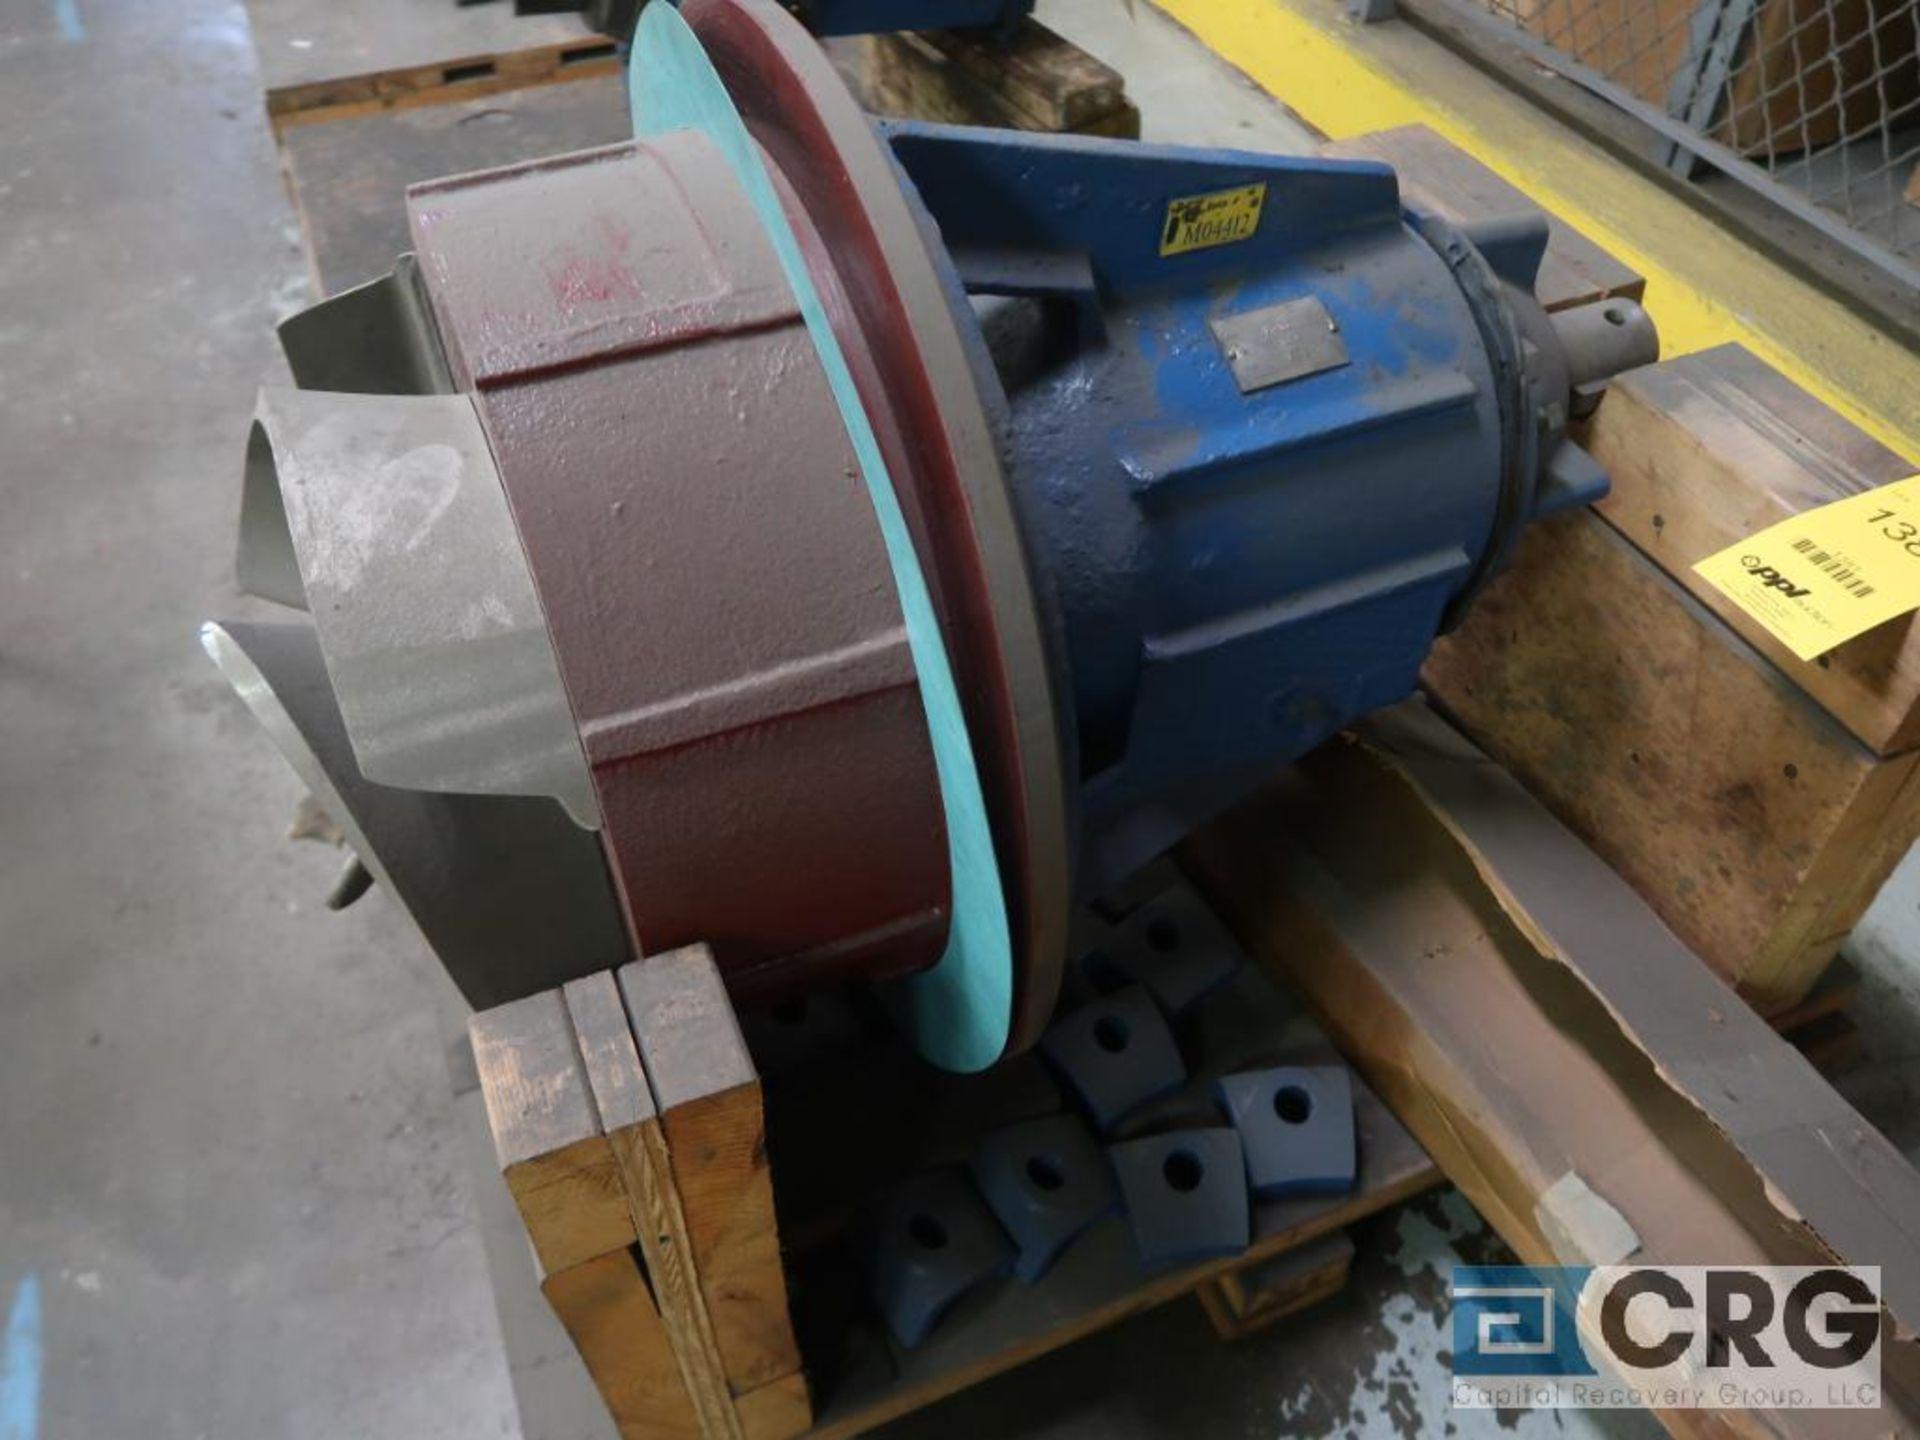 Allis Chalmers 78 MI 16 in. pump (Basement Stores)